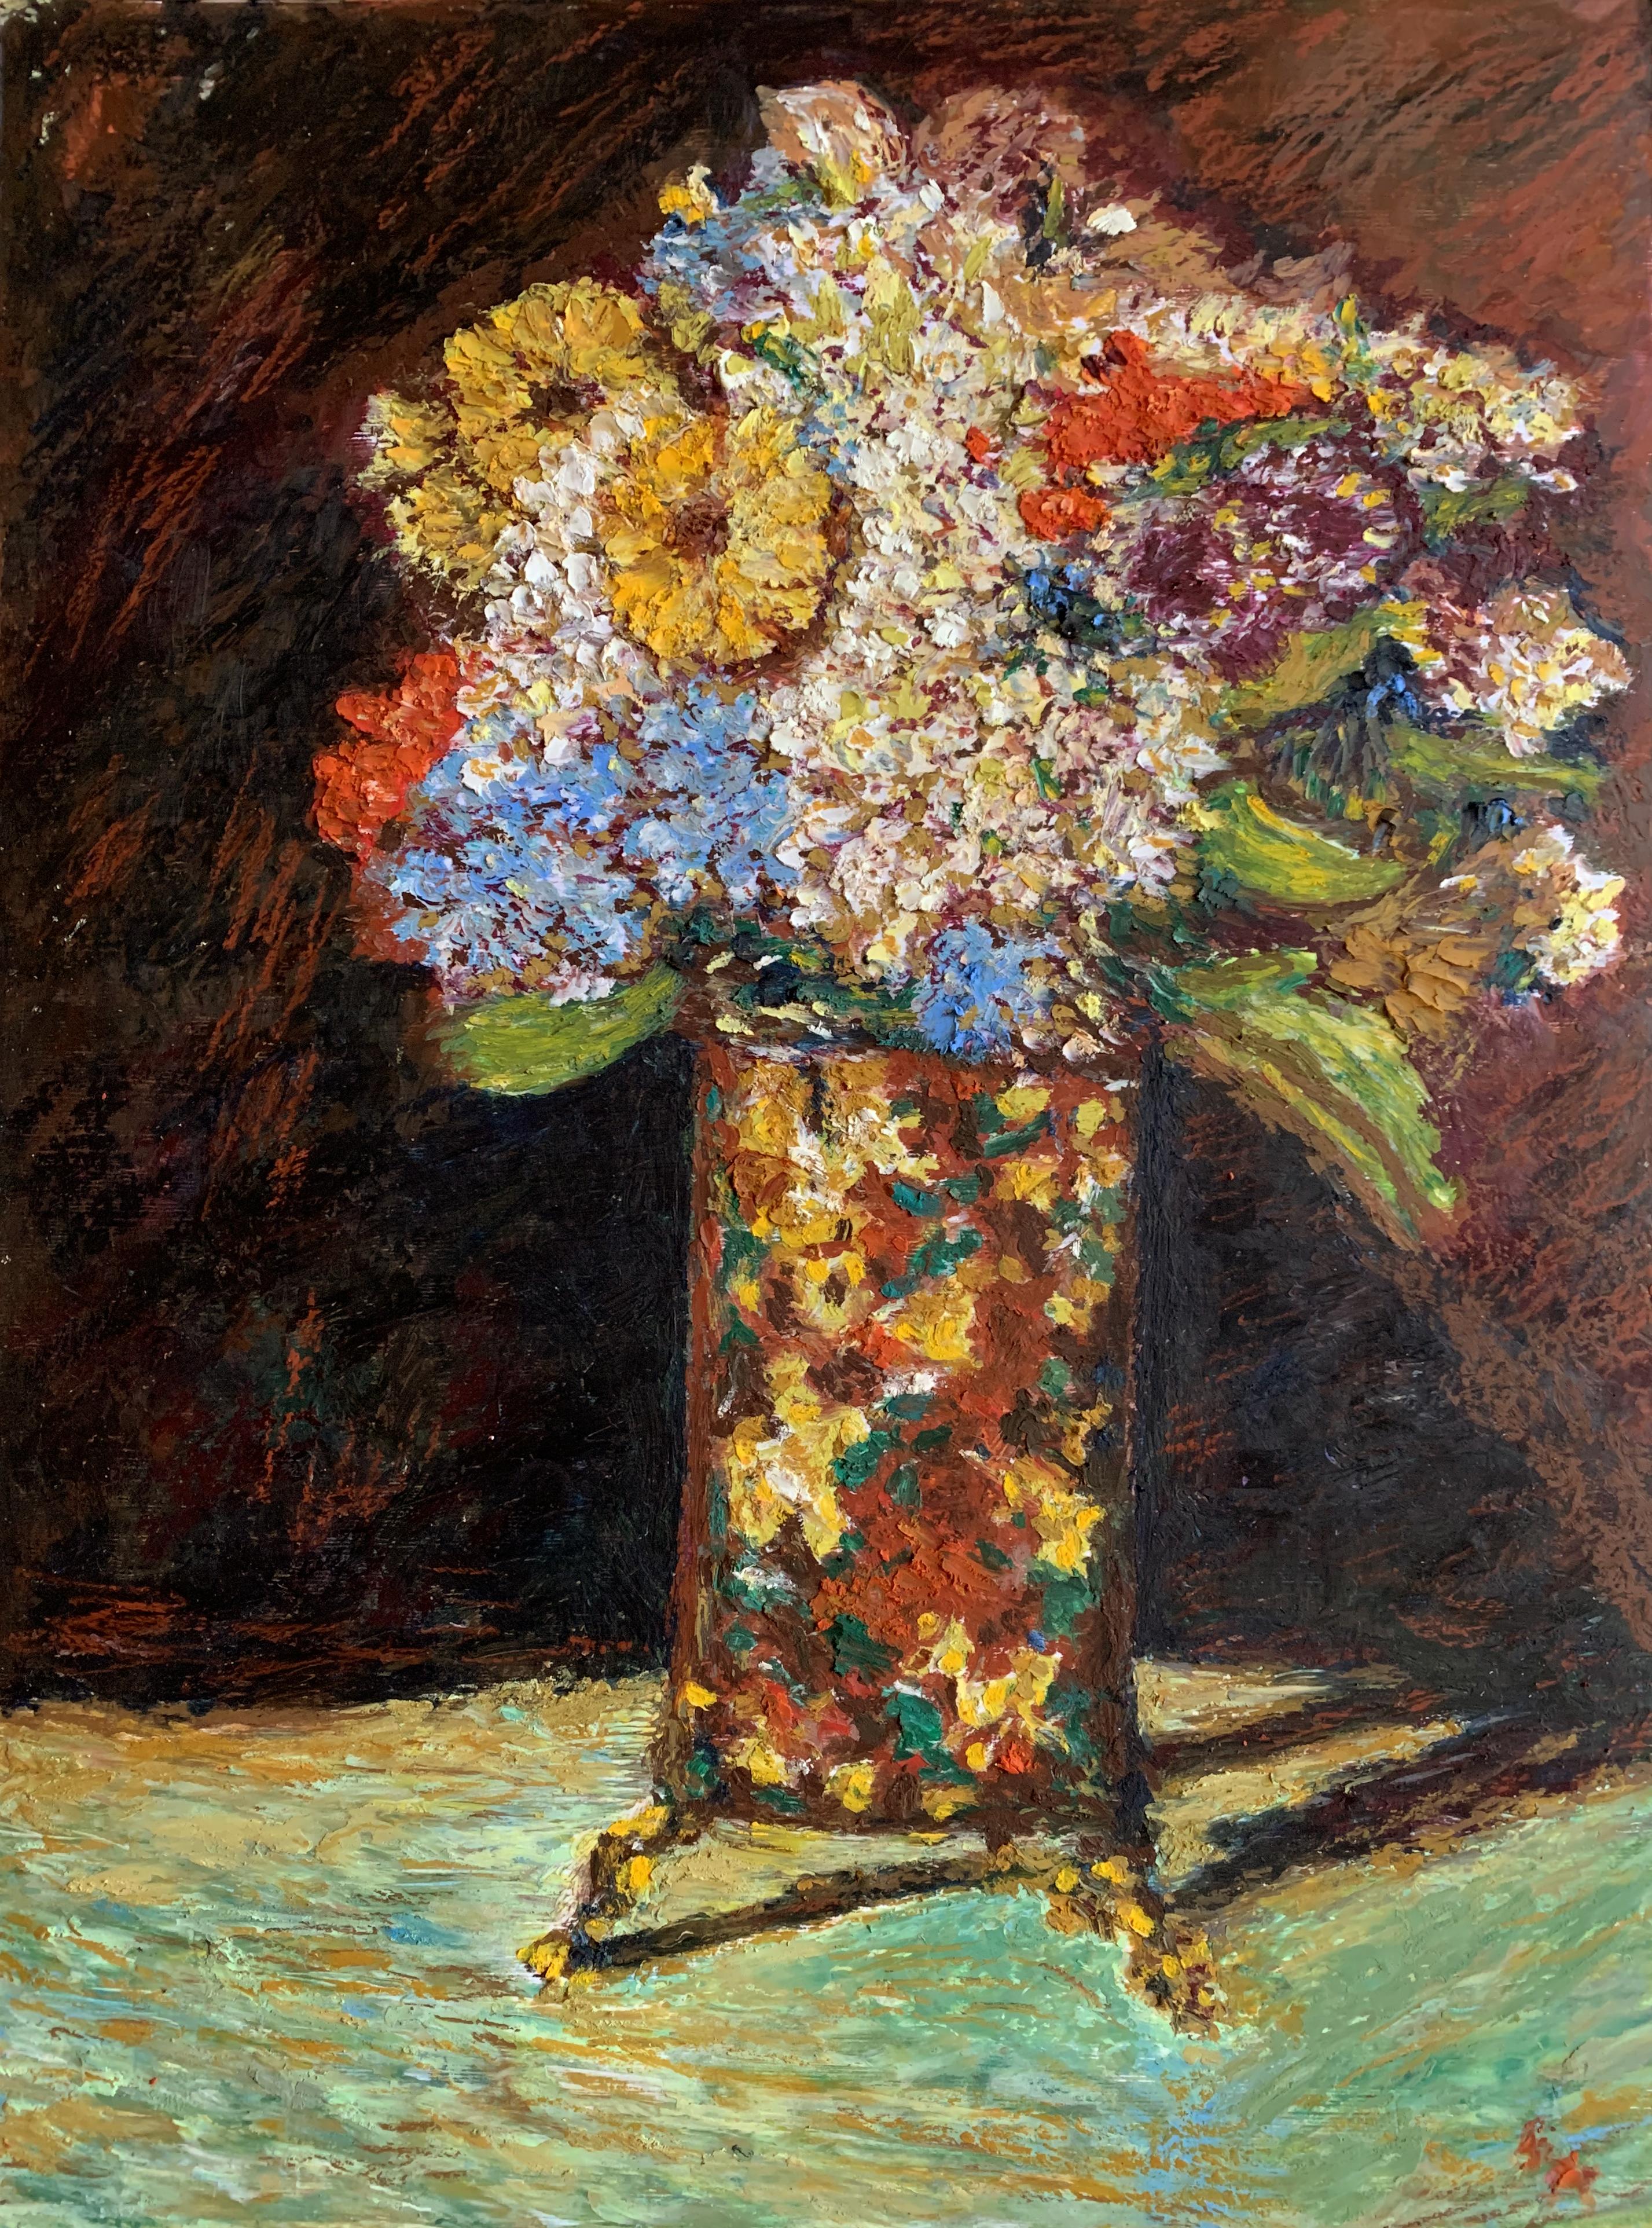 Картина натюрморт цветы букет Монтичелли масляная пастель художник Альберт Сафиуллин